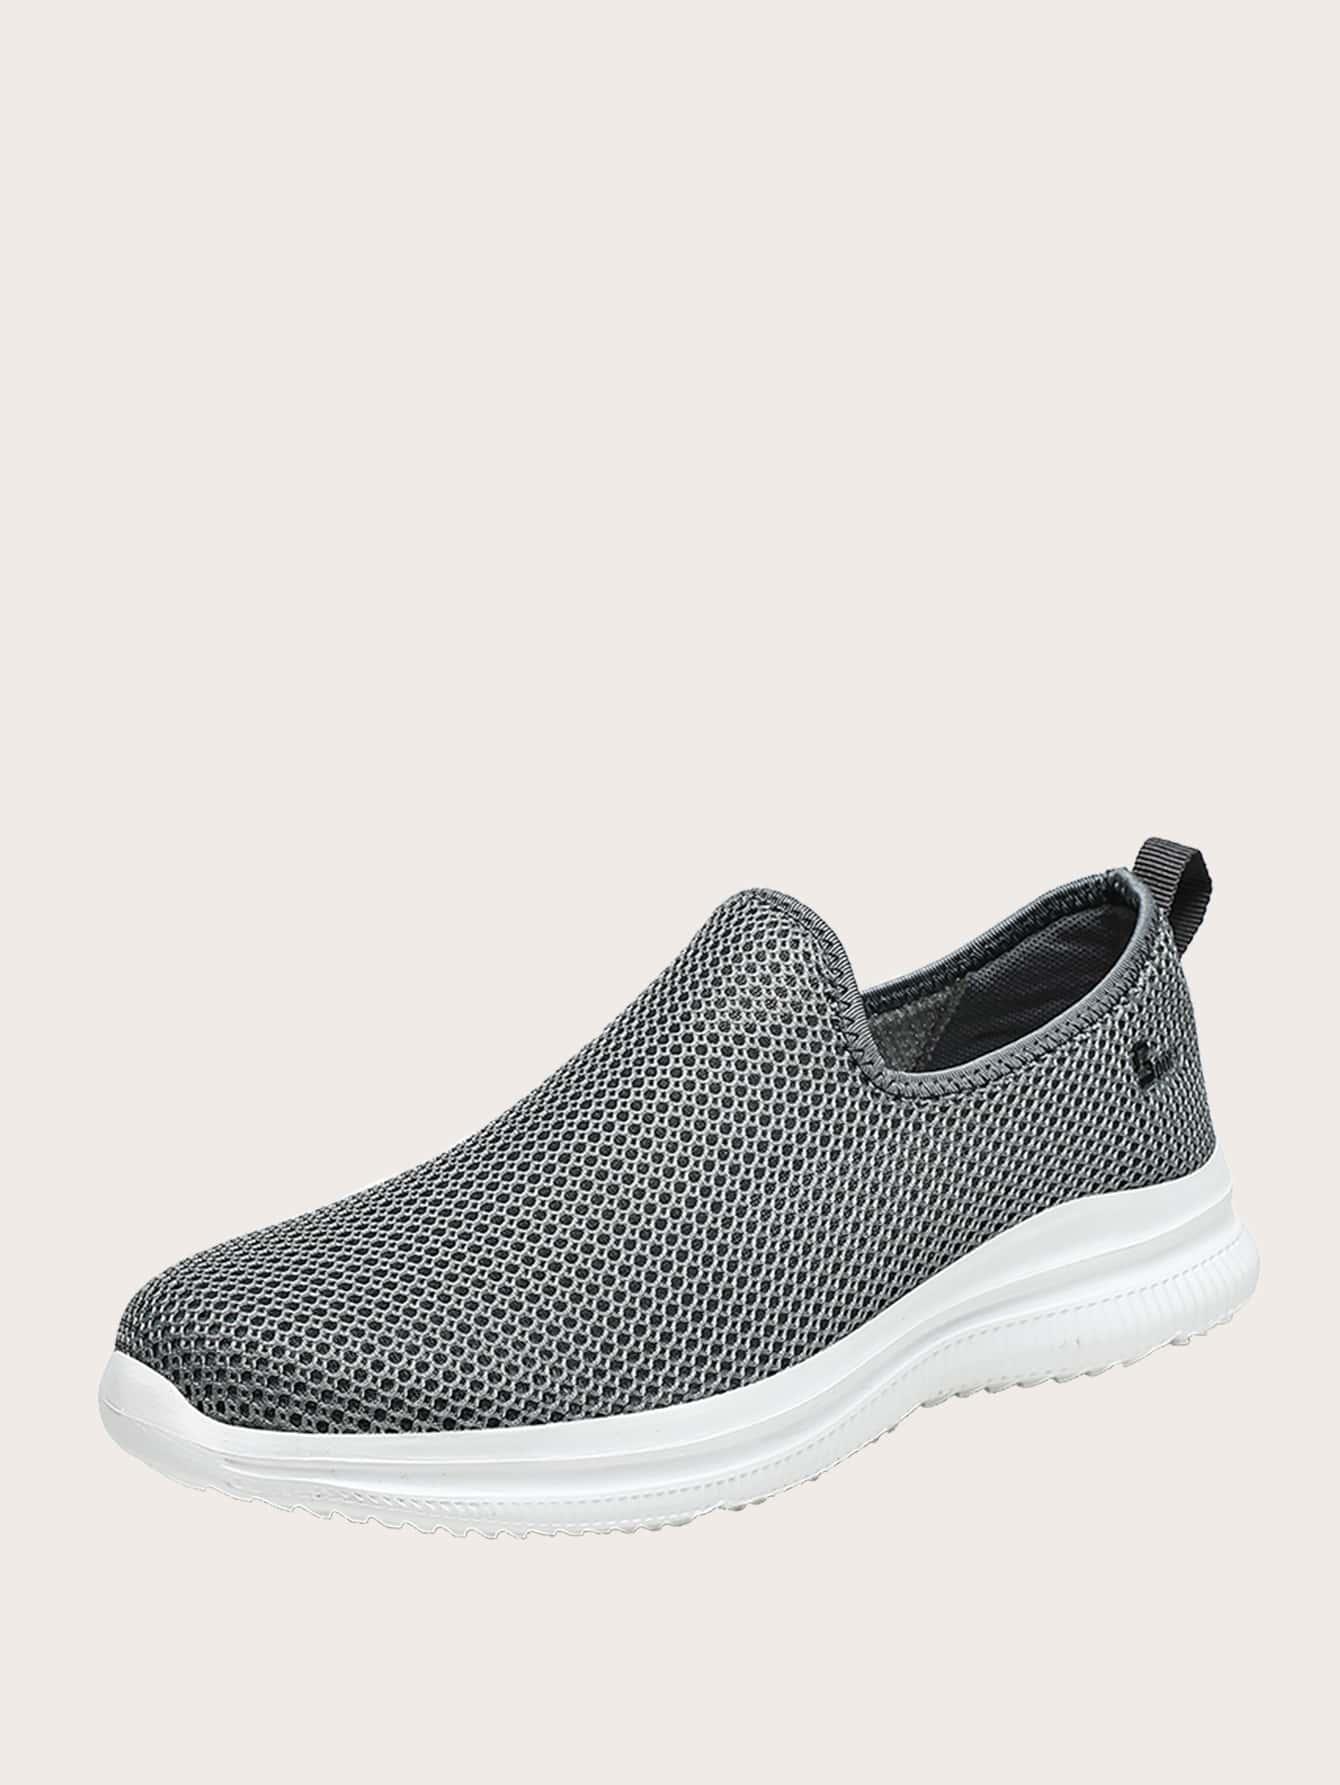 Men Slip On Breathable Running Shoes